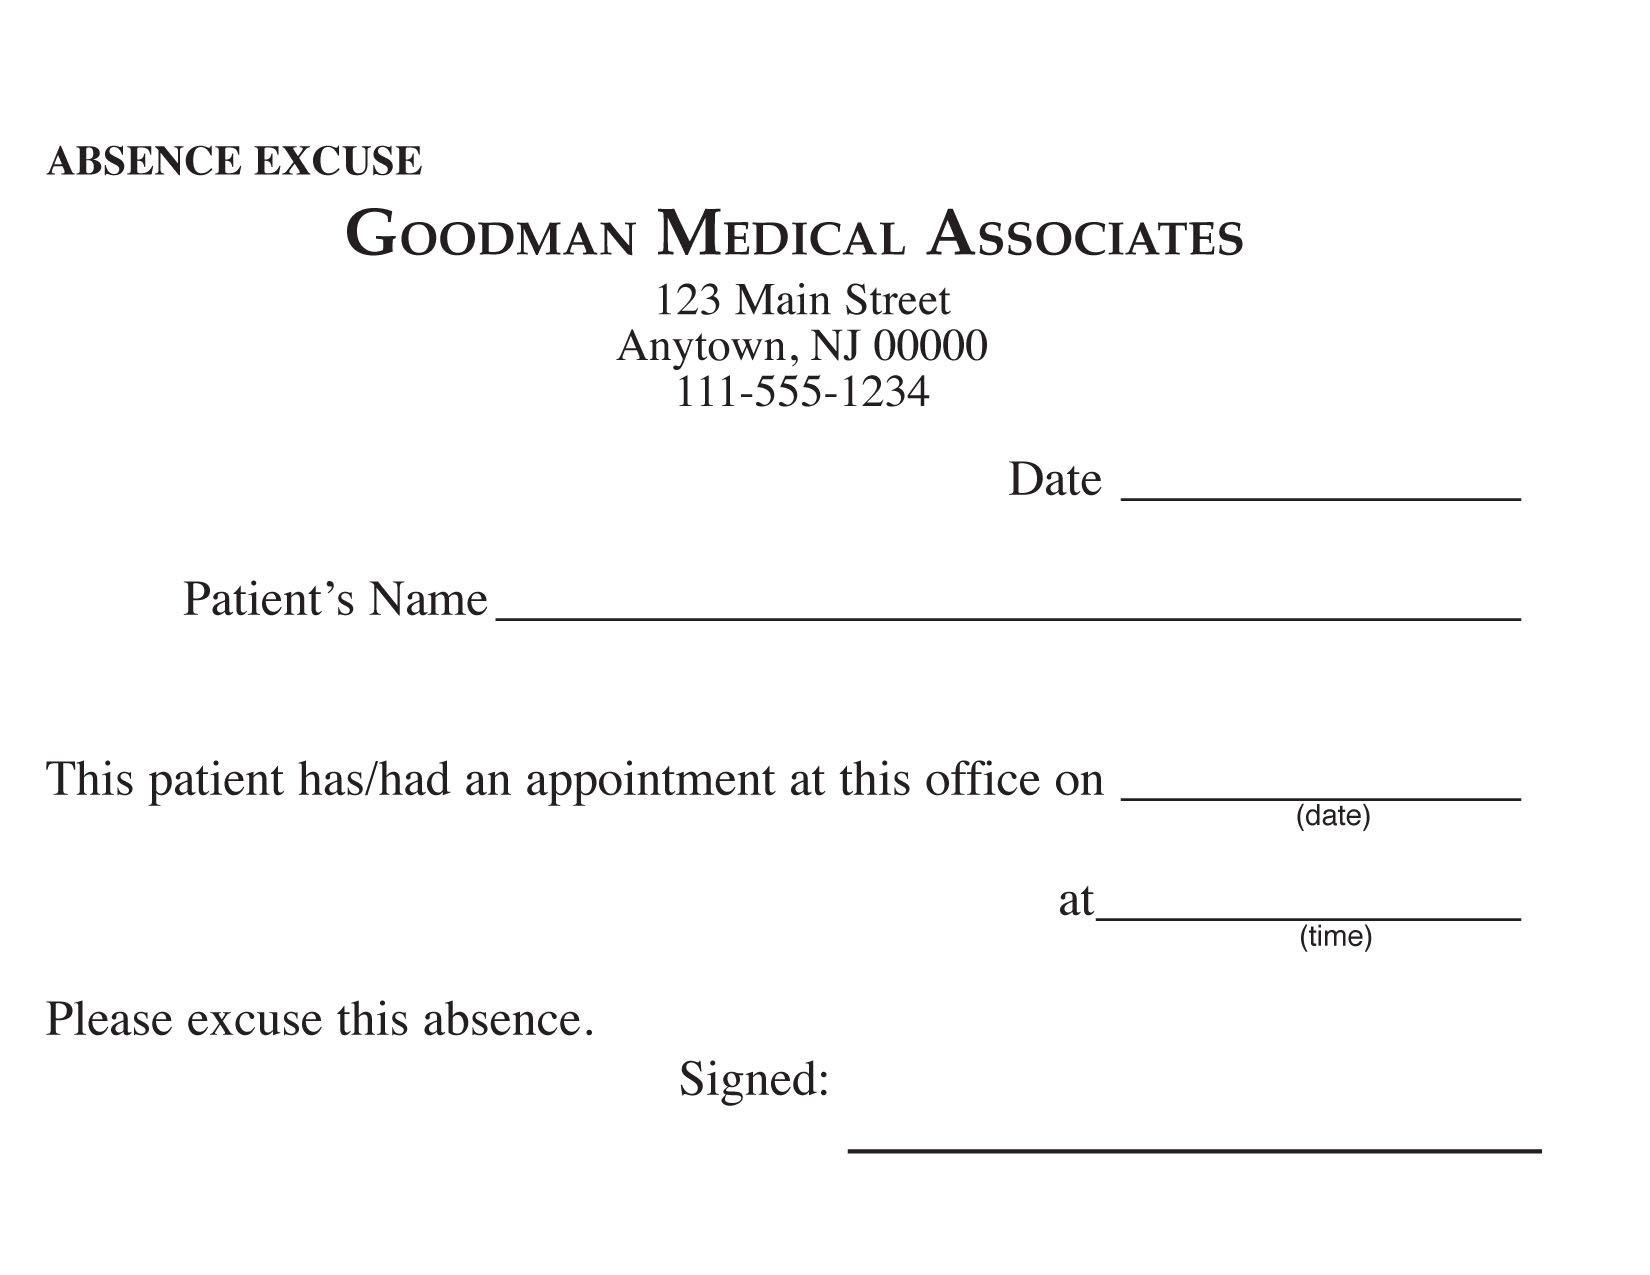 Blank Printable Doctor Excuse Form | Keskes Printing - Mds - Free Printable Doctor Excuse Slips